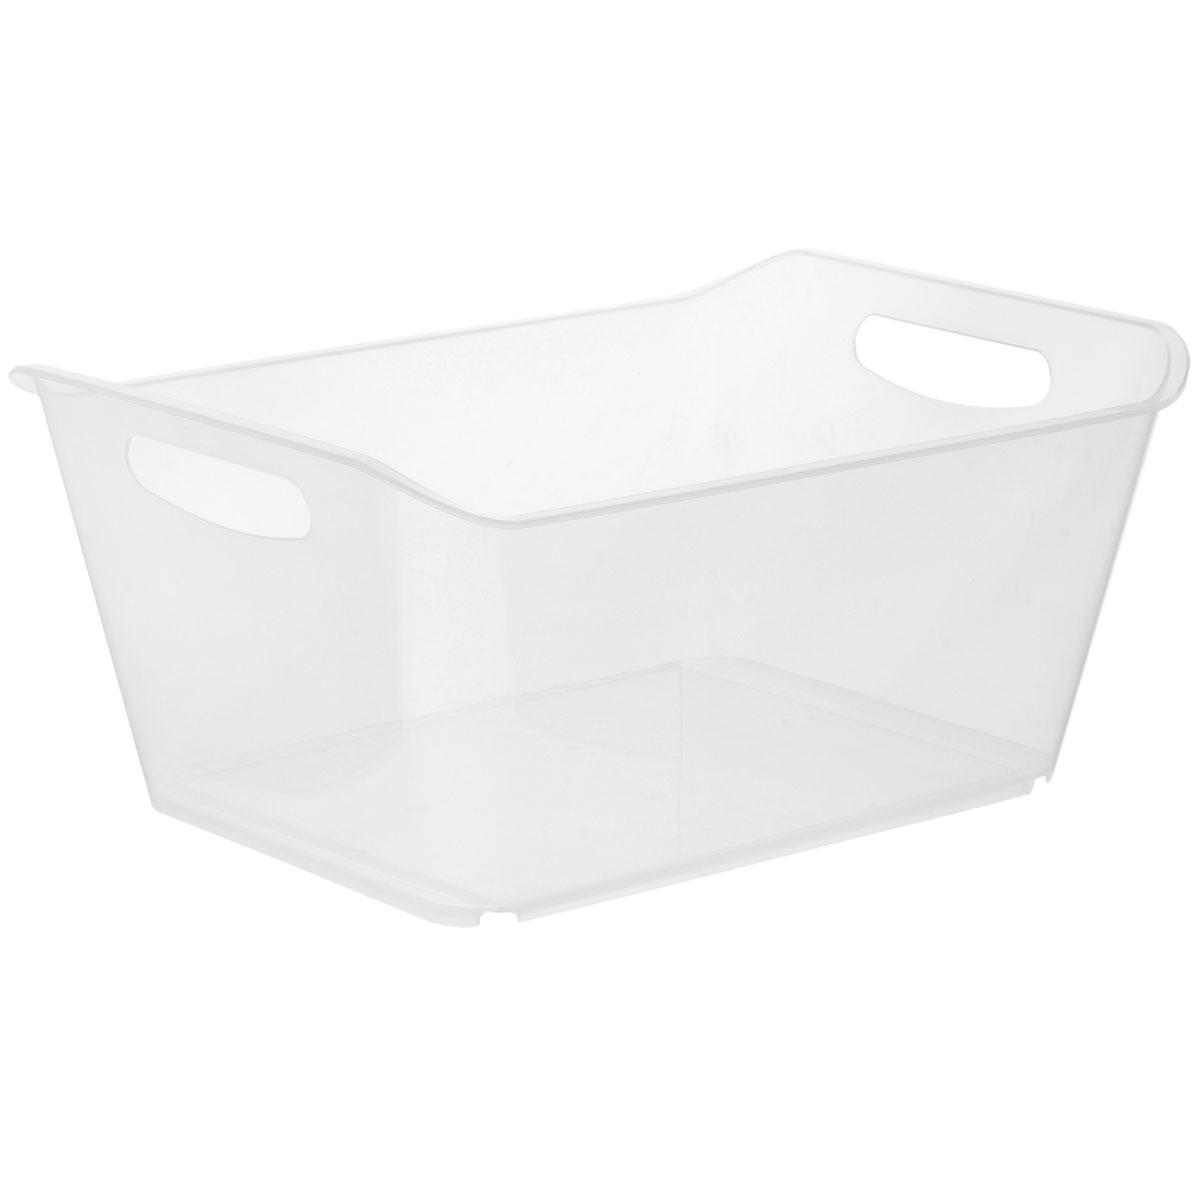 Контейнер Gensini, цвет: прозрачный, 18 л3333_прозрачныйКонтейнер Gensini выполнен из прочного пластика. Он предназначен для хранения различных мелких вещей в ванной, на кухне, даче или гараже, исключая возможность их потери. По бокам контейнера предусмотрены две удобные ручки для его переноски.Контейнер поможет хранить все в одном месте, а также защитить вещи от пыли, грязи и влаги. Объем: 18 л.